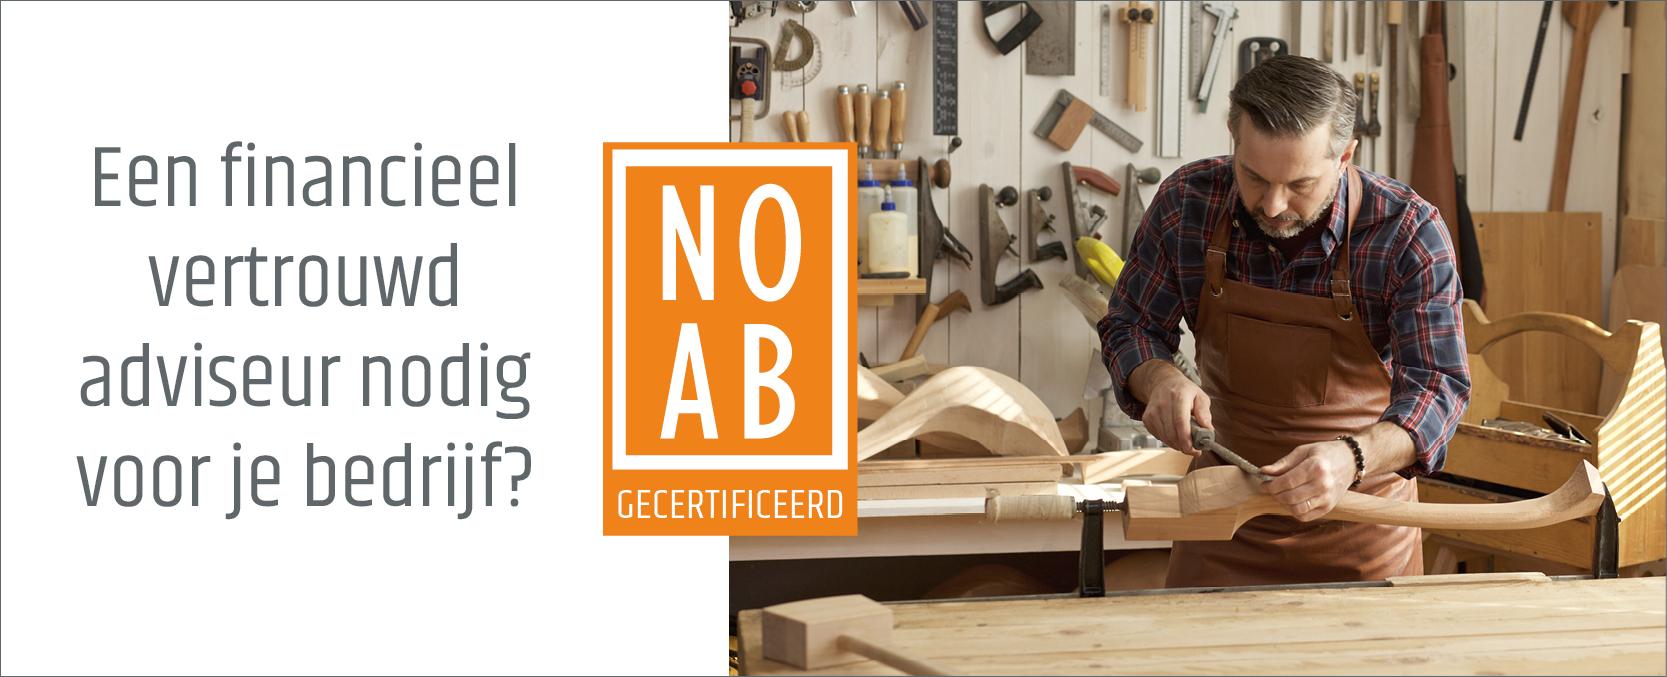 NOAB keurmerk advertentie timmerman